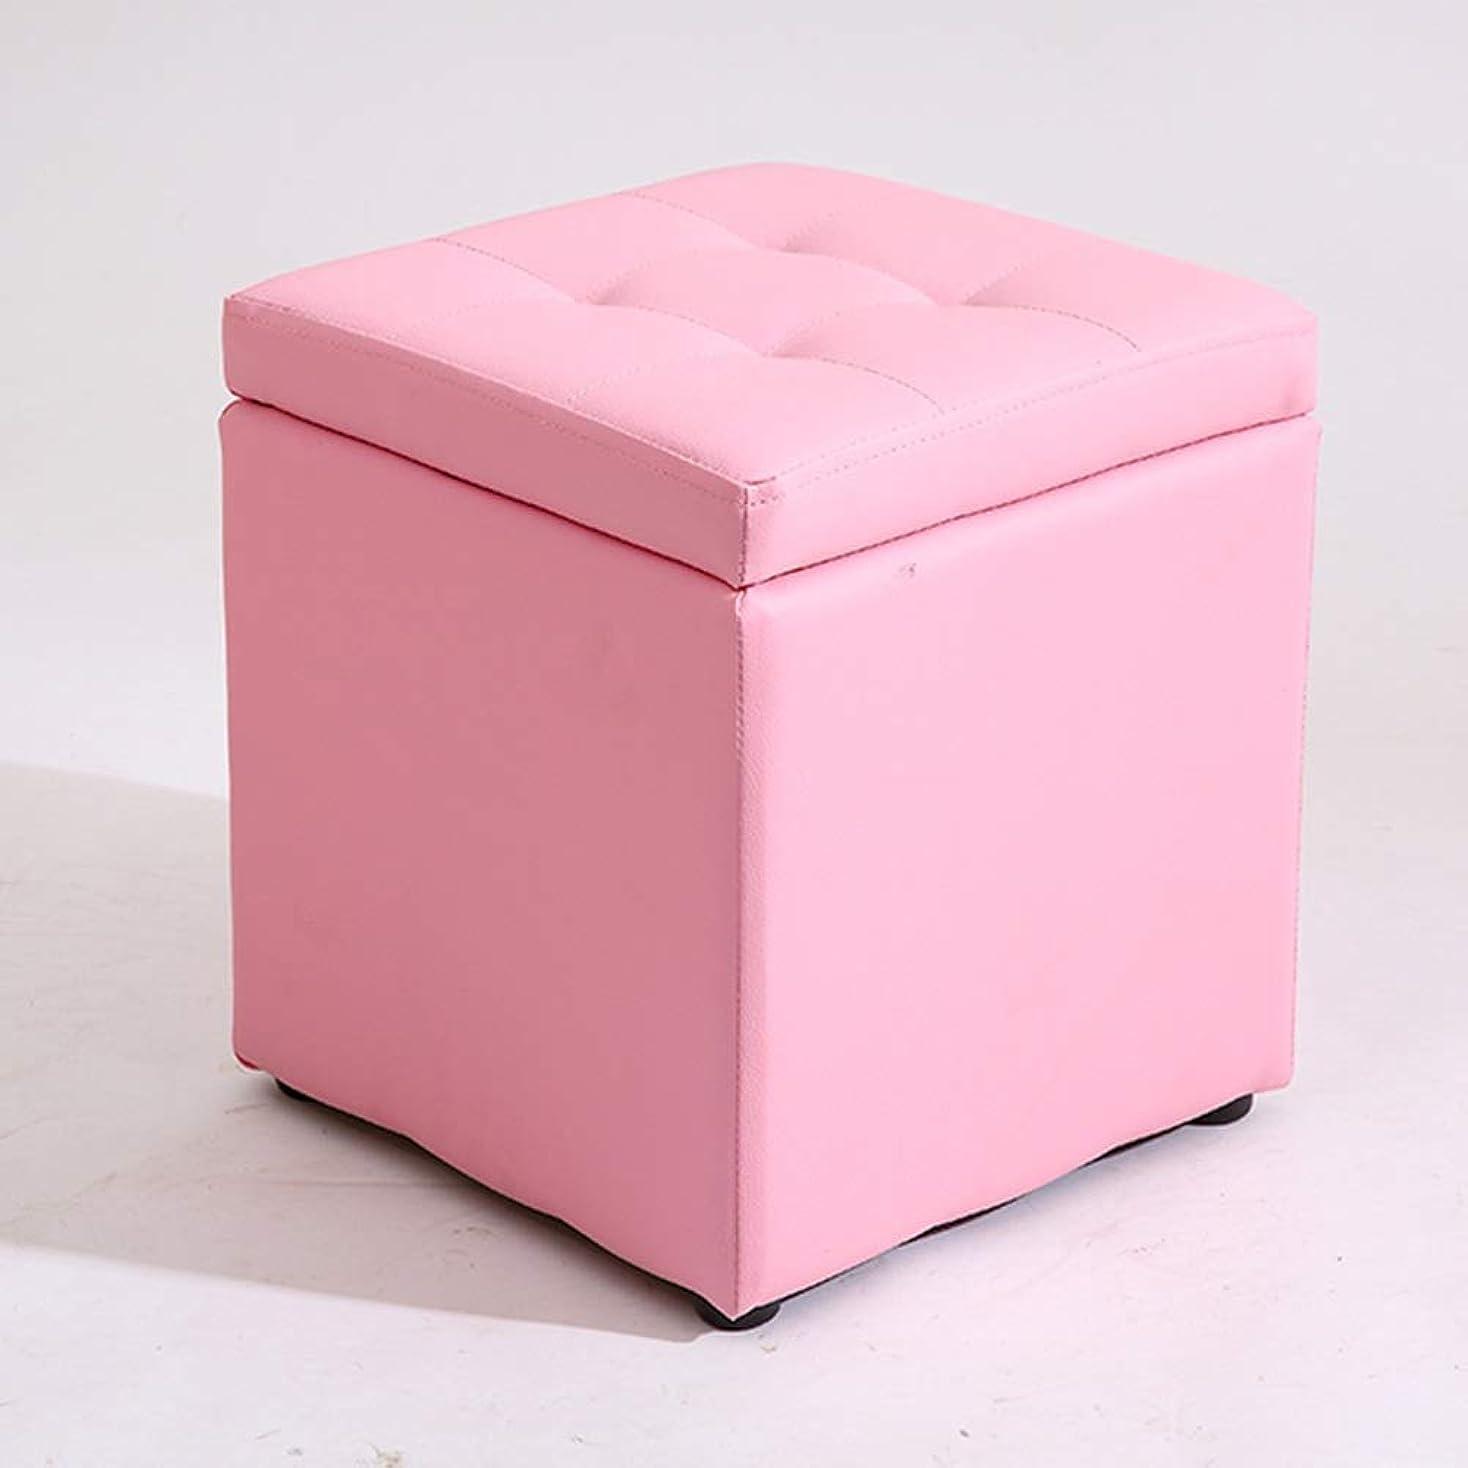 記録カード晴れZHAOYONGLI スツール 収納レザースツールショートロット正方形帆布シンプルチェンジシューズ防水 クリエイティブ 強い 丈夫 長寿命 (色 : ピンク, サイズ さいず : Large)